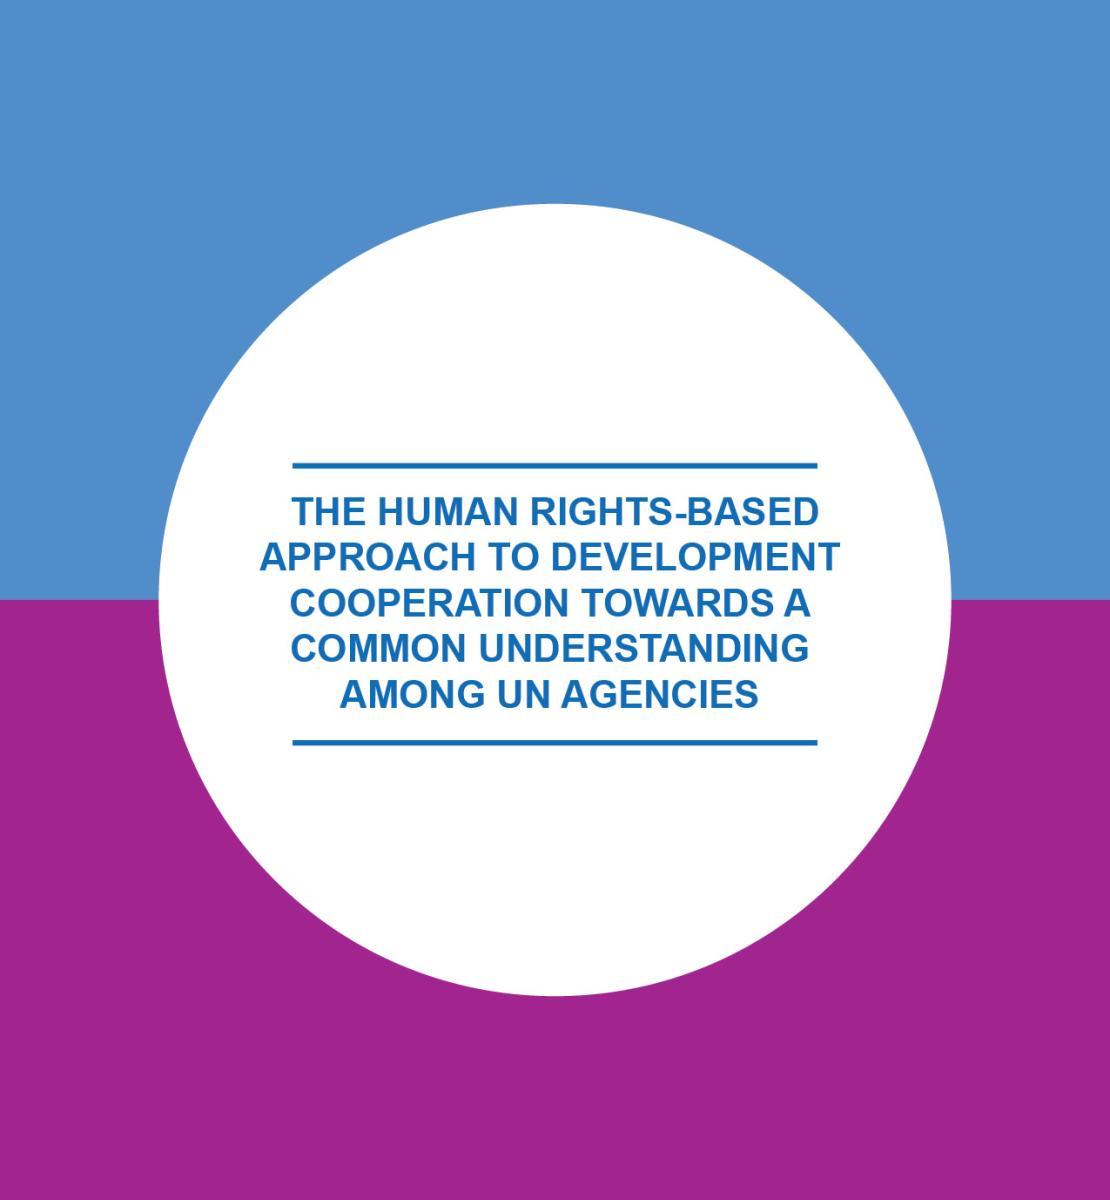 Approche fondée sur les droits de l'homme pour la coopération en matière de développement